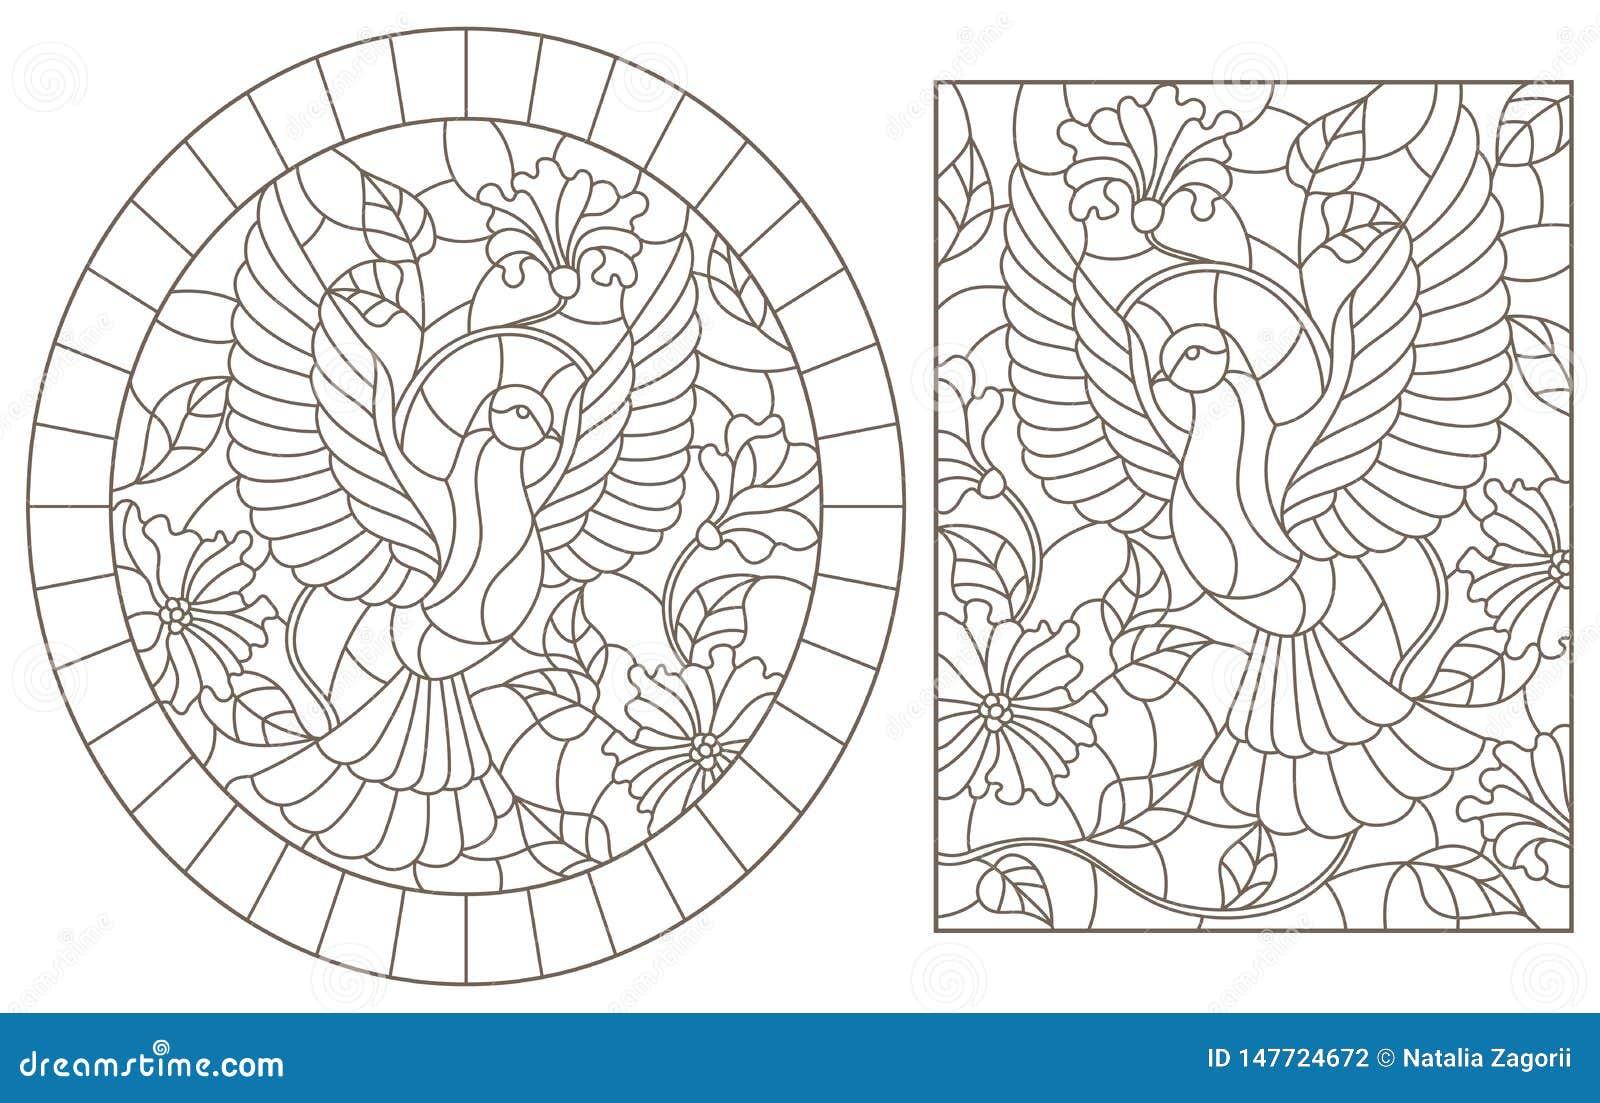 Obrysowywa set z ilustracjami witraż Windows z latającymi gołębiami na tle kolory, zmrok kontury na biały b